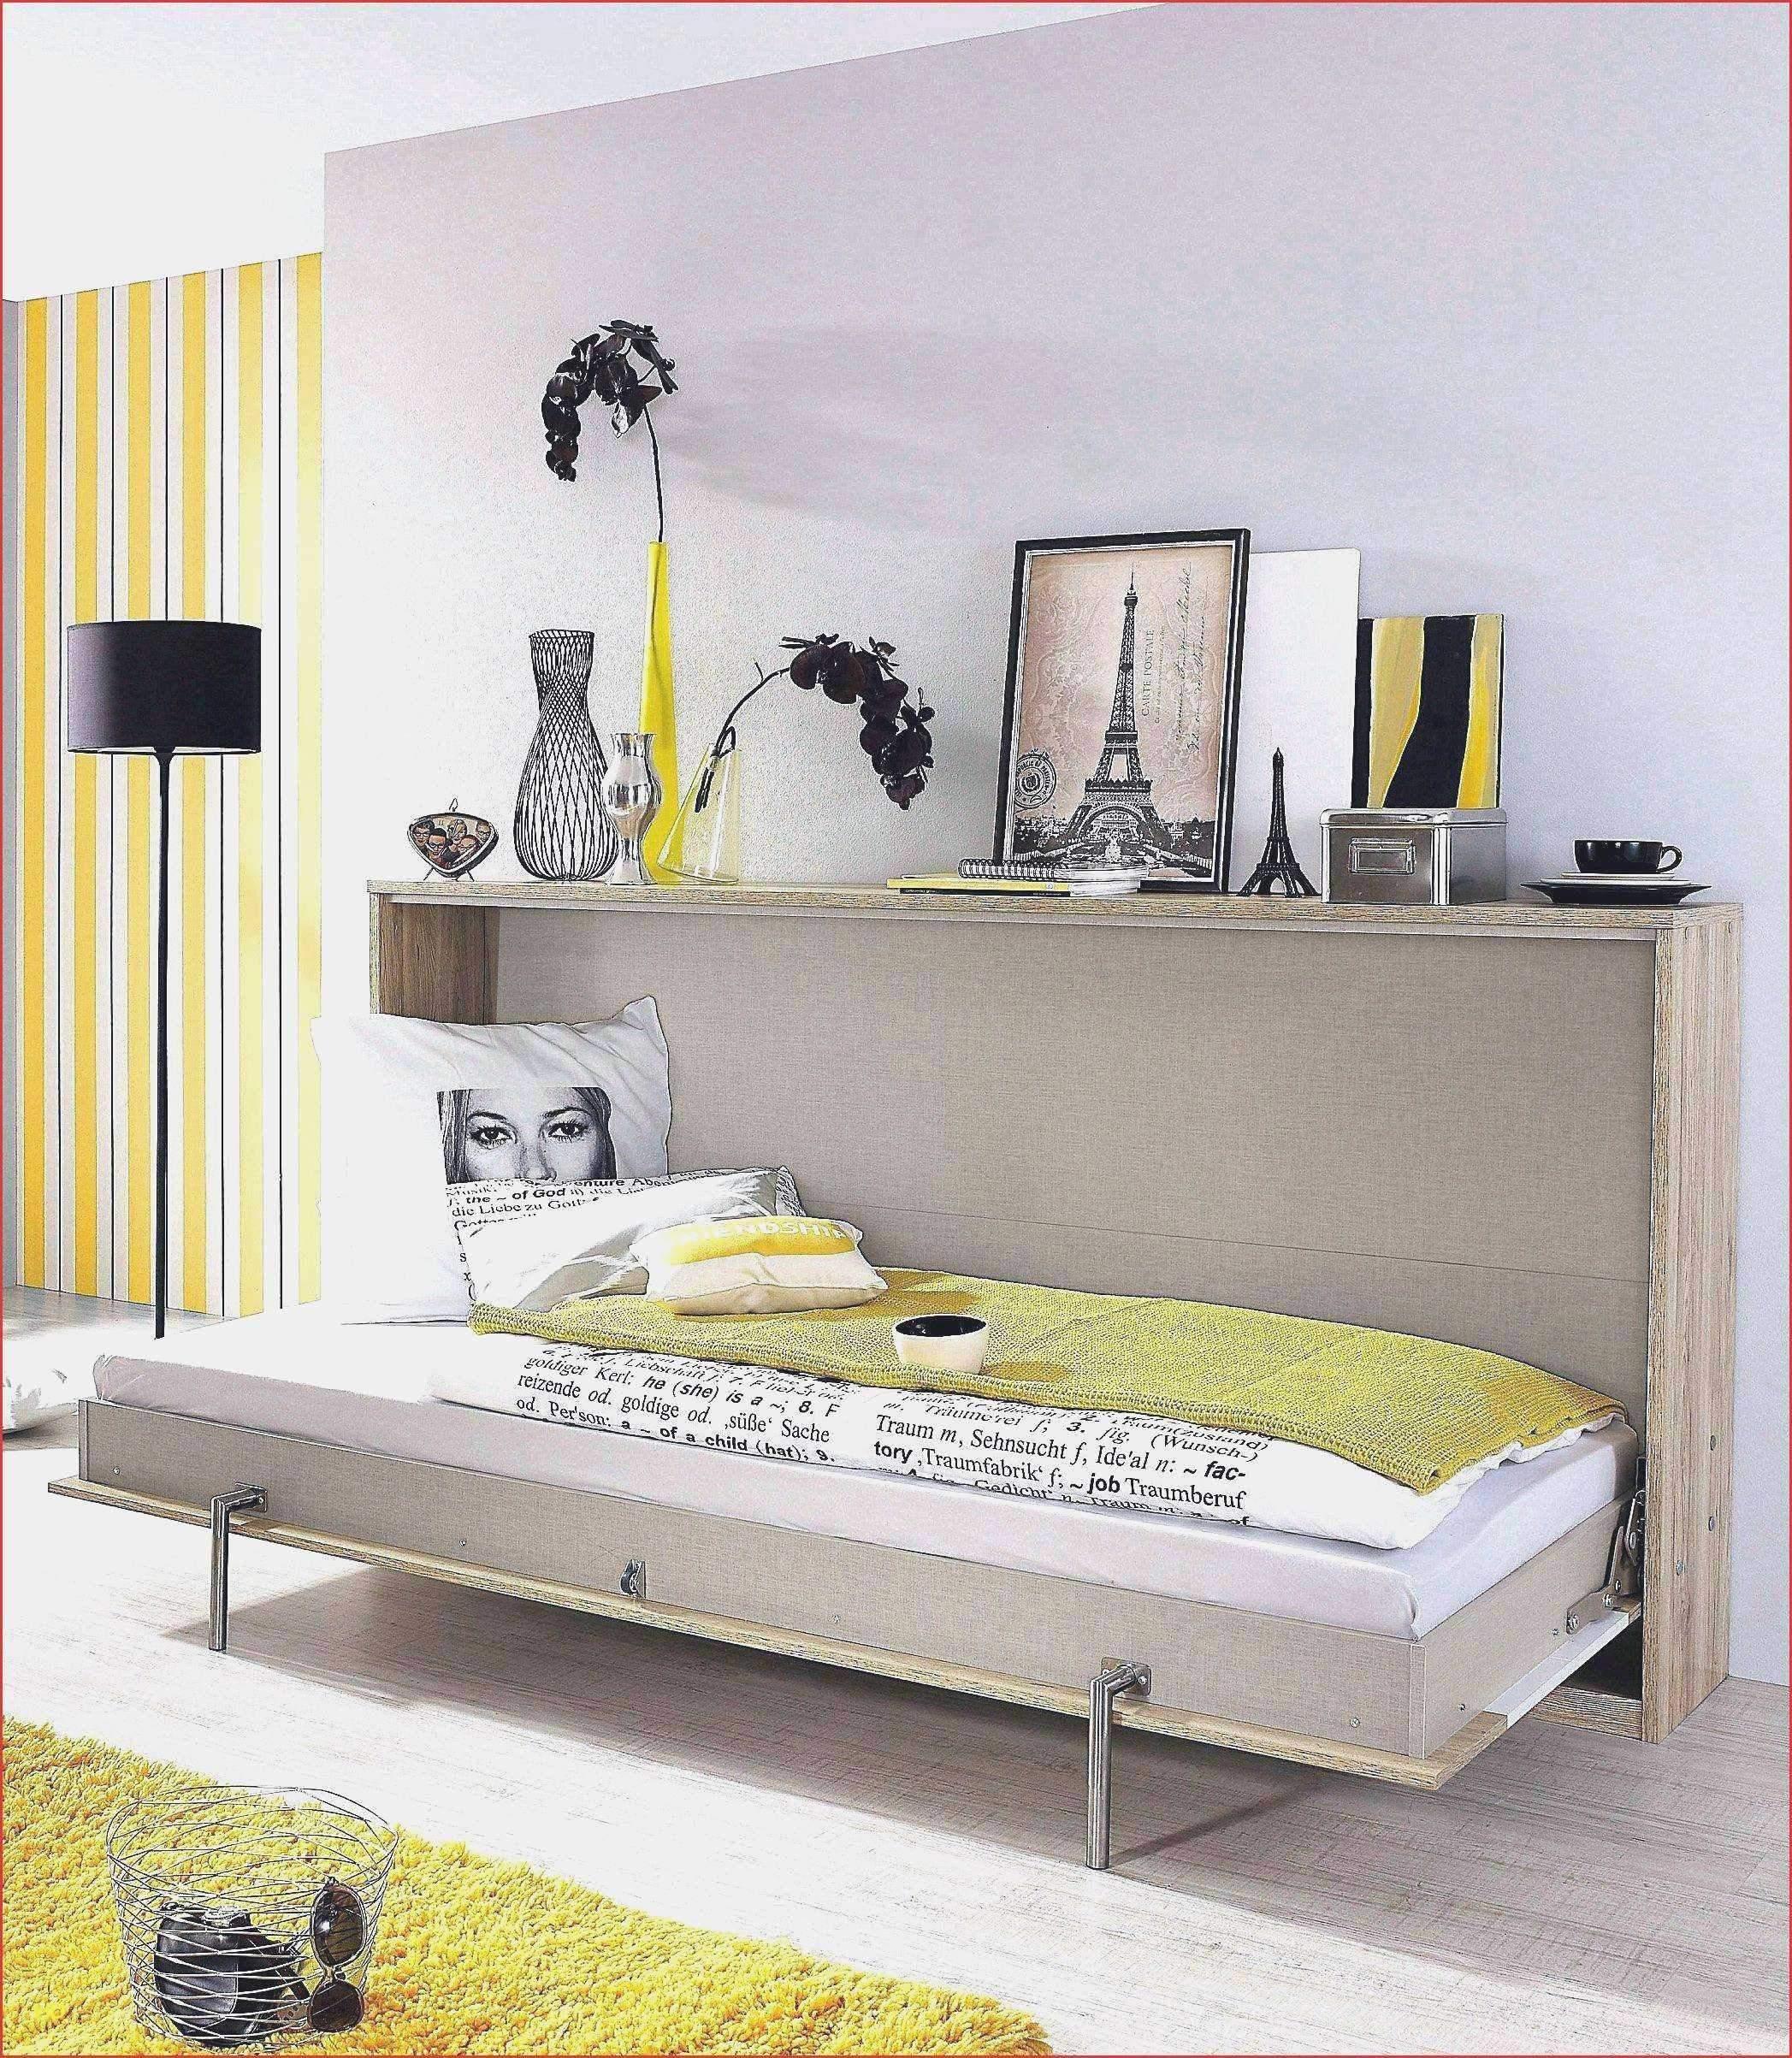 wohnzimmer ideen fur kleine raume reizend 38 schon kleine baume fur garten ideen von kleiderschrank of wohnzimmer ideen fur kleine raume